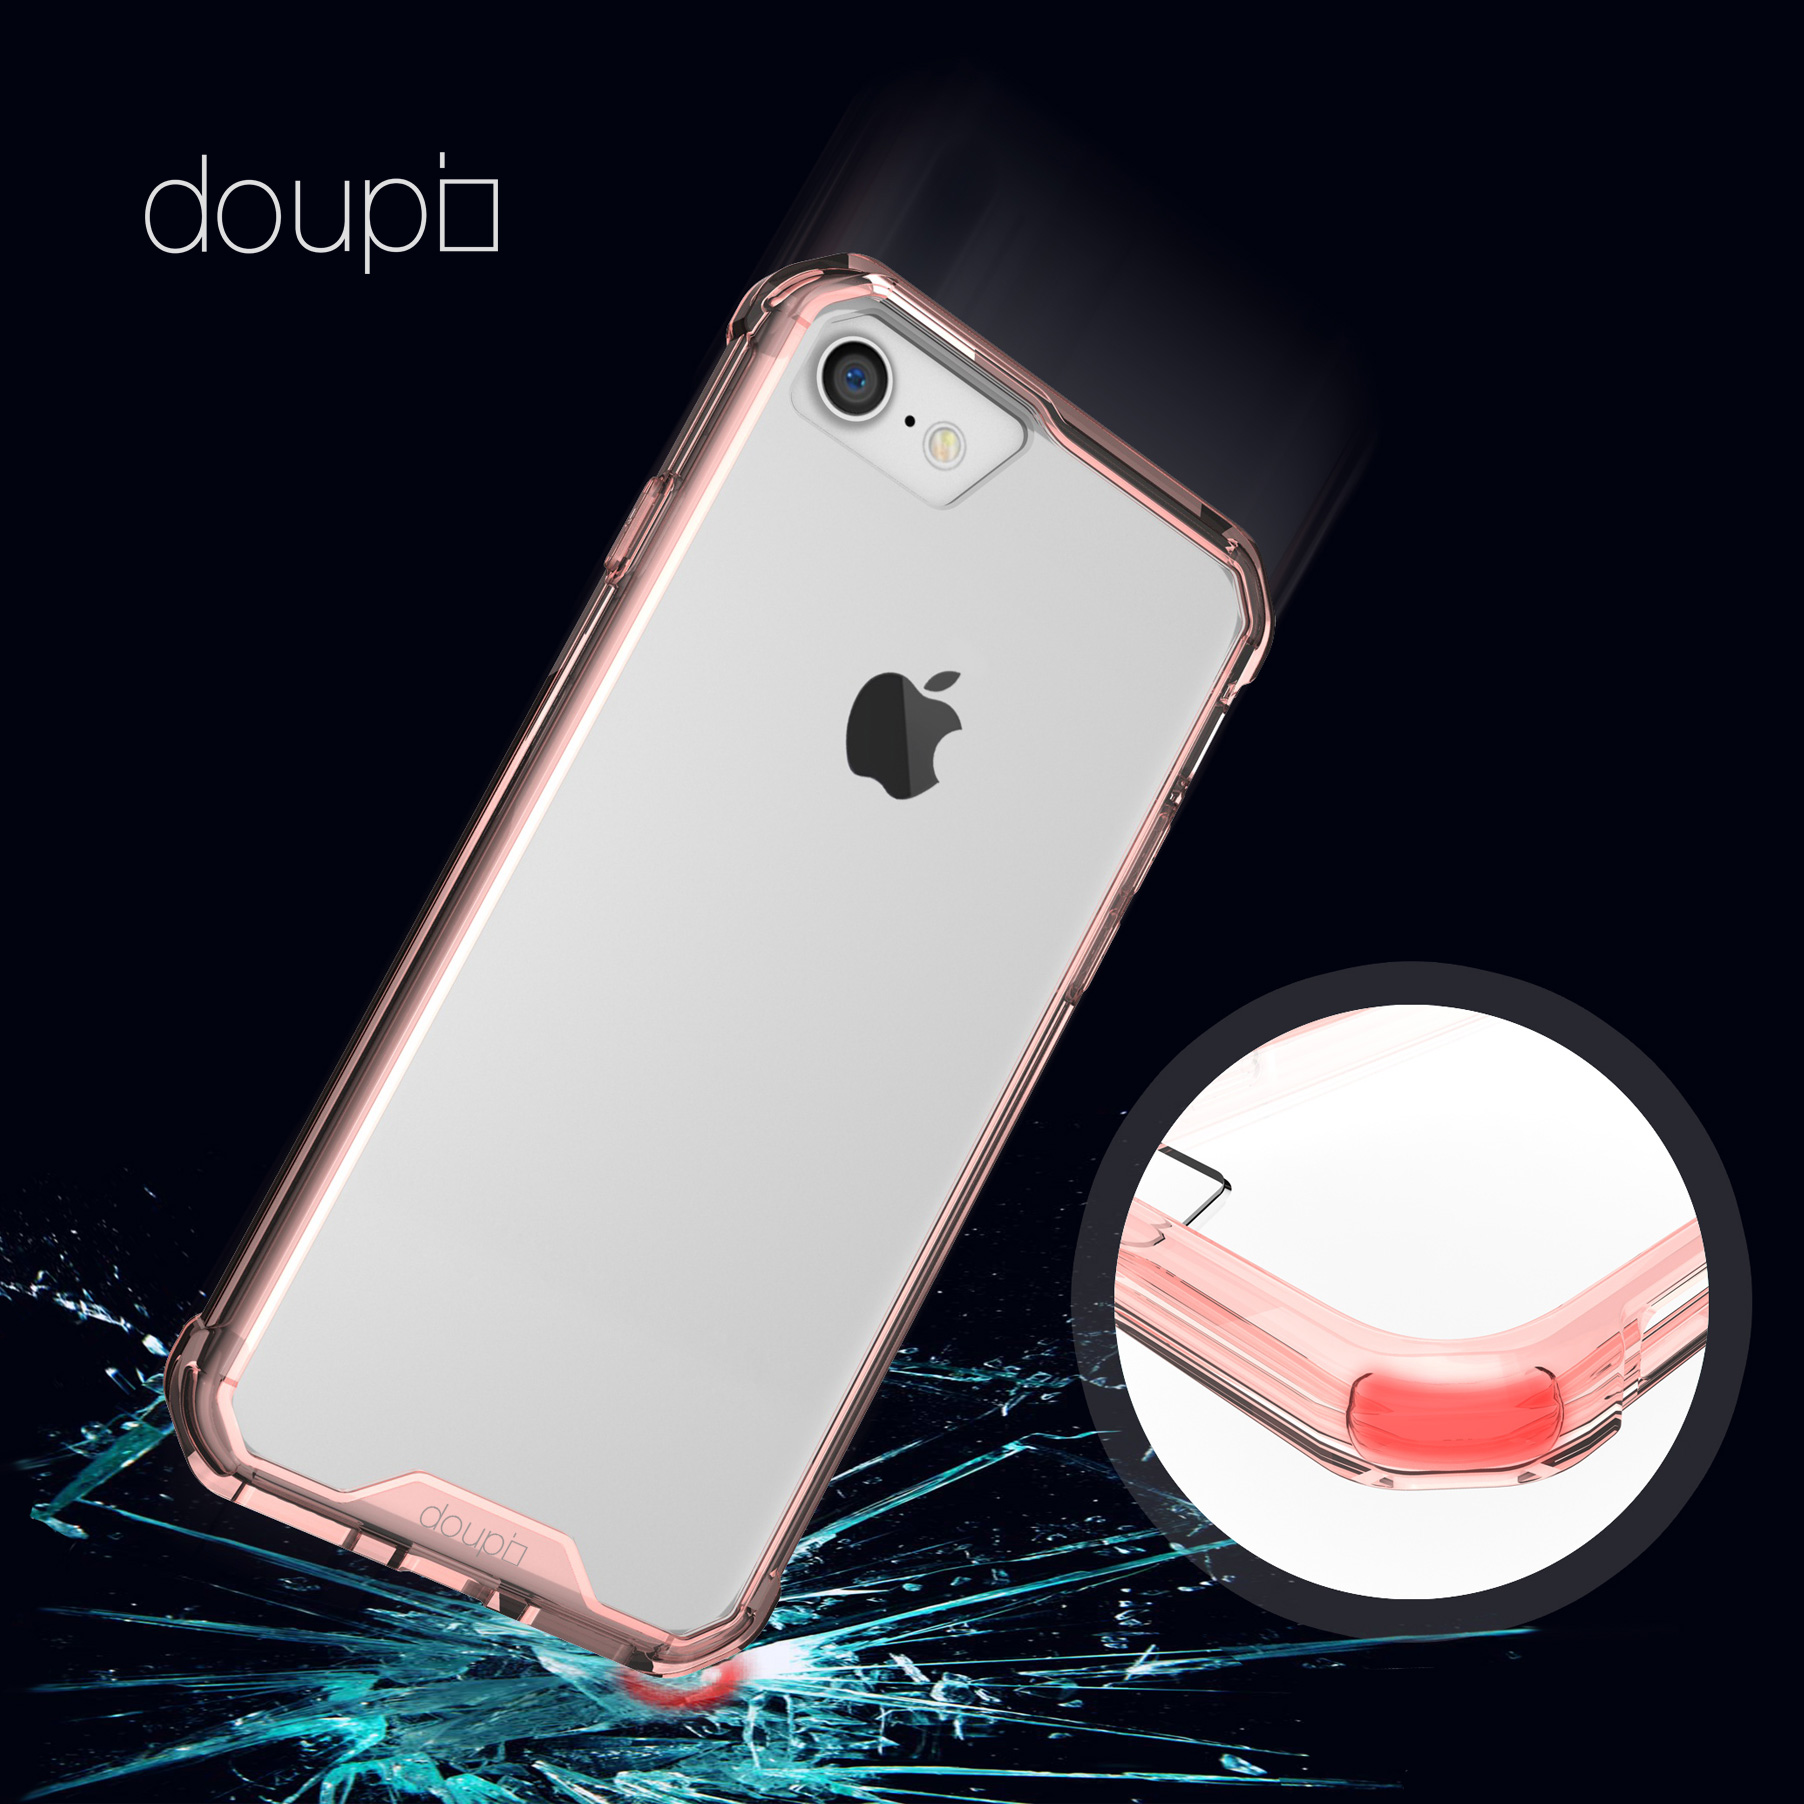 AirClear-Case-iPhone-8-7-4-7-034-Rueckschale-Bumper-Rahmen-Schutz-Huelle-Folie Indexbild 18